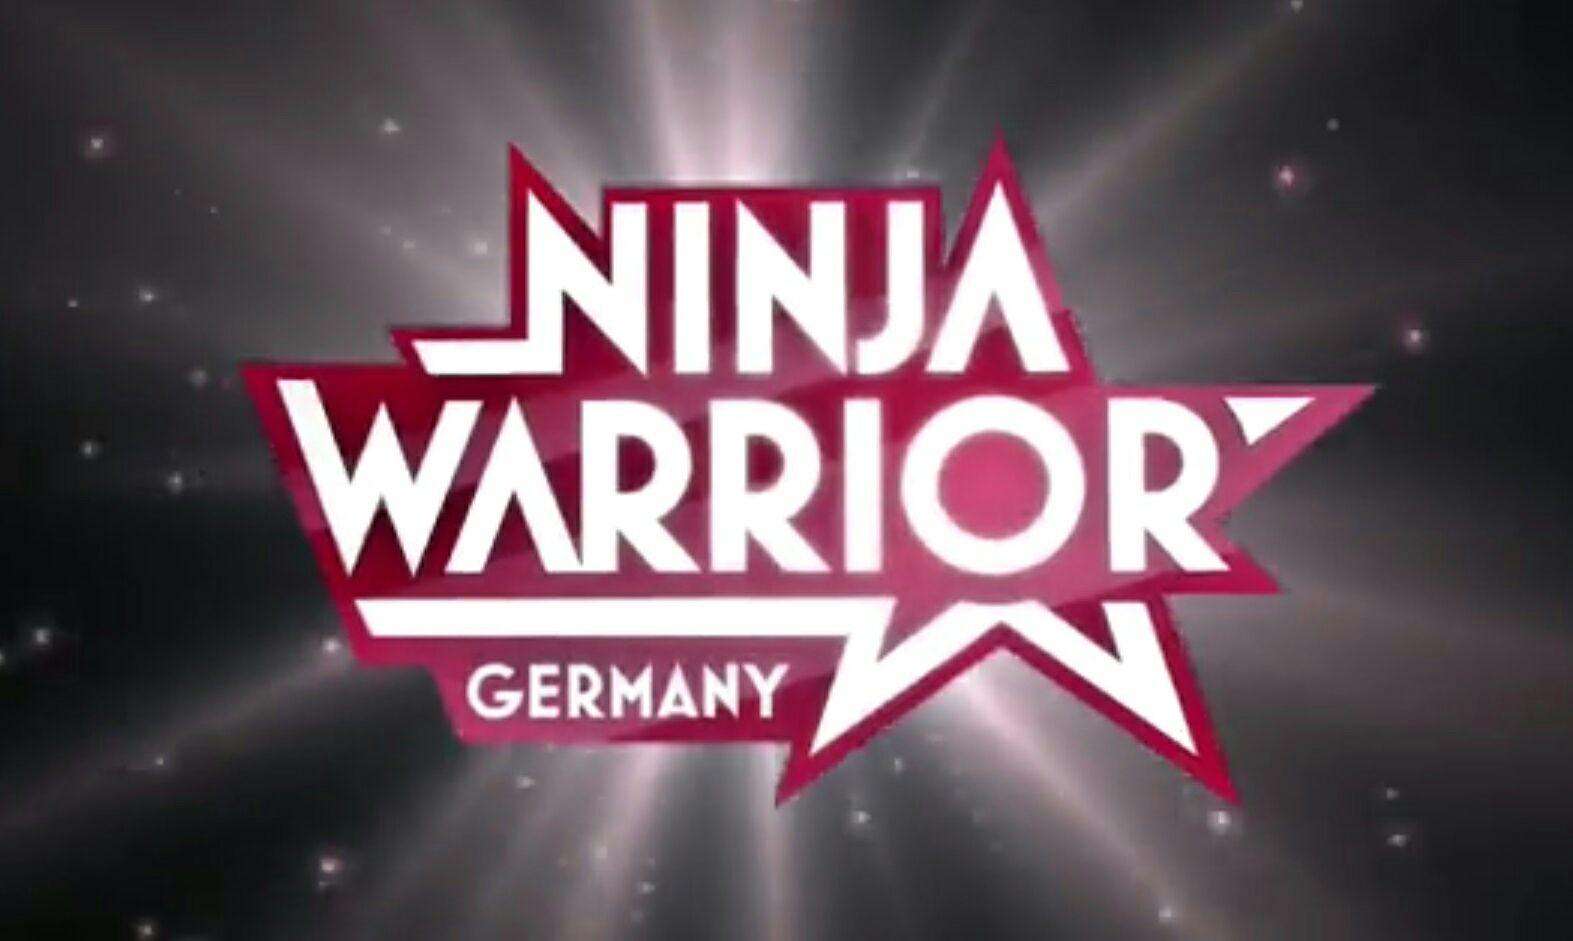 Ninja Warrior in Karlsruhe im Mai (Vorrunden) zum halben Preis